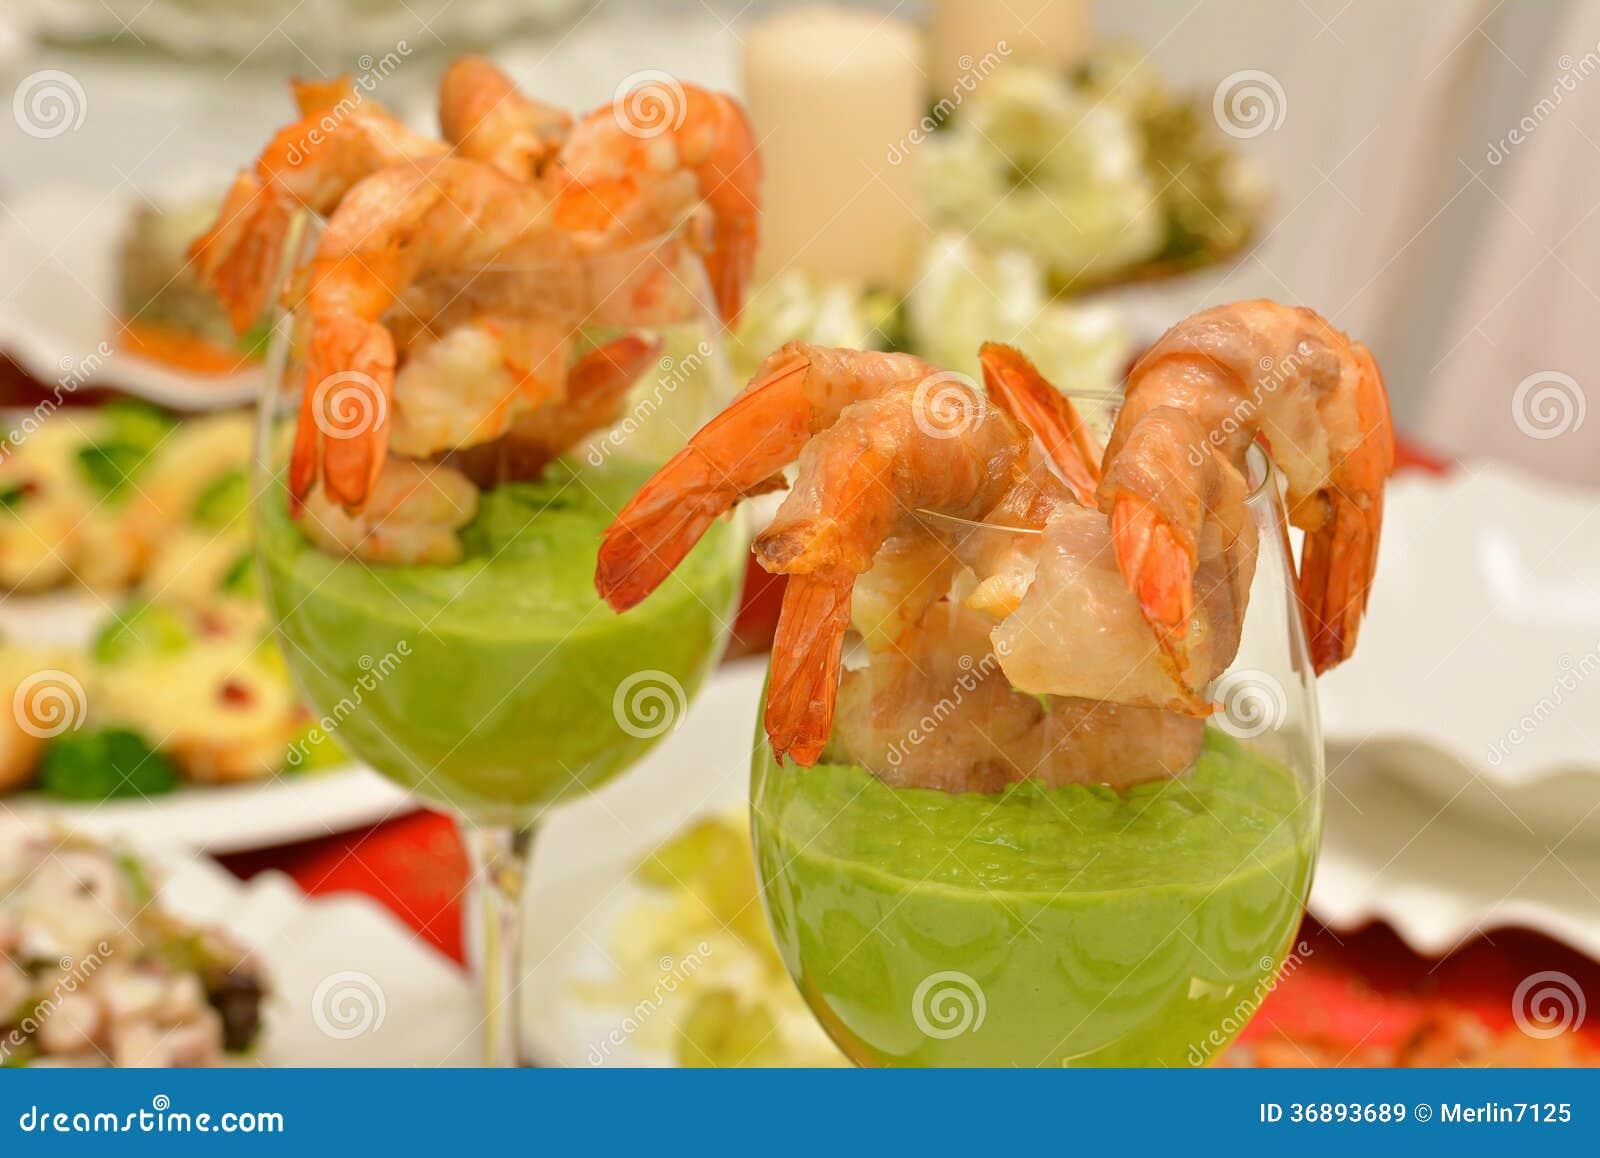 Download Gamberetto In Un Vetro Con La Salsa Del Pisello Immagine Stock - Immagine di luminoso, prosciutto: 36893689